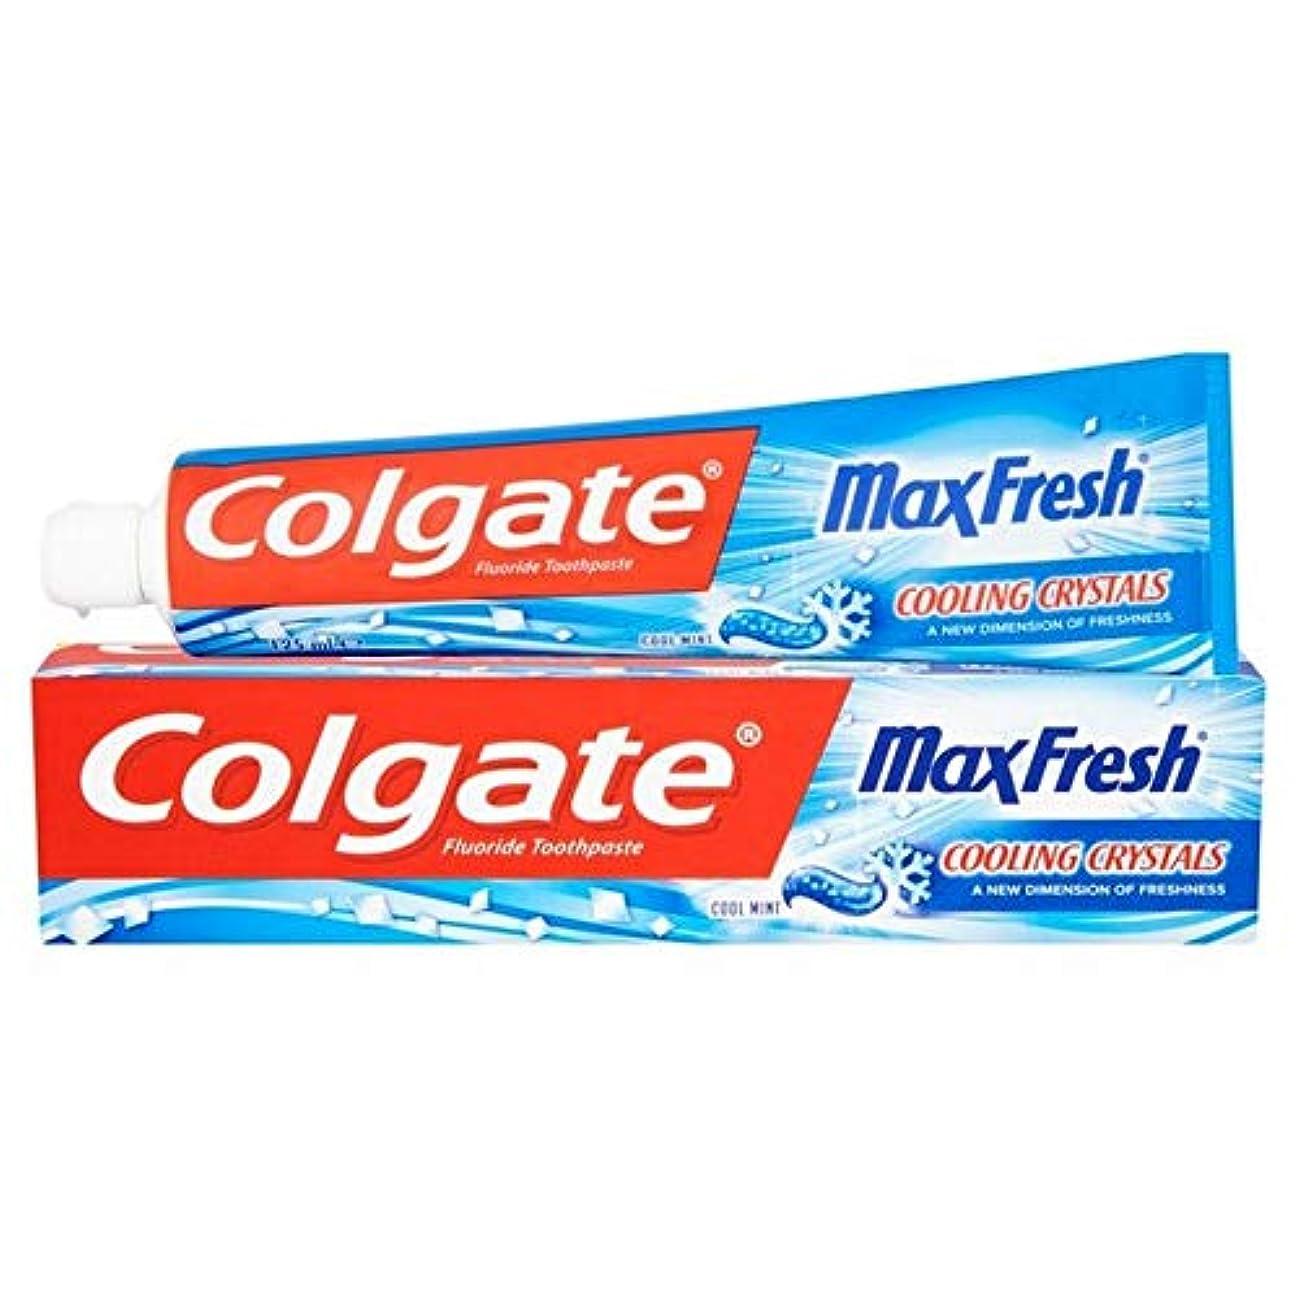 金貸しトムオードリース悪化させる[Colgate ] 冷却結晶歯磨き粉の125ミリリットル新鮮なコルゲートマックス - Colgate Max Fresh with Cooling Crystals Toothpaste 125ml [並行輸入品]